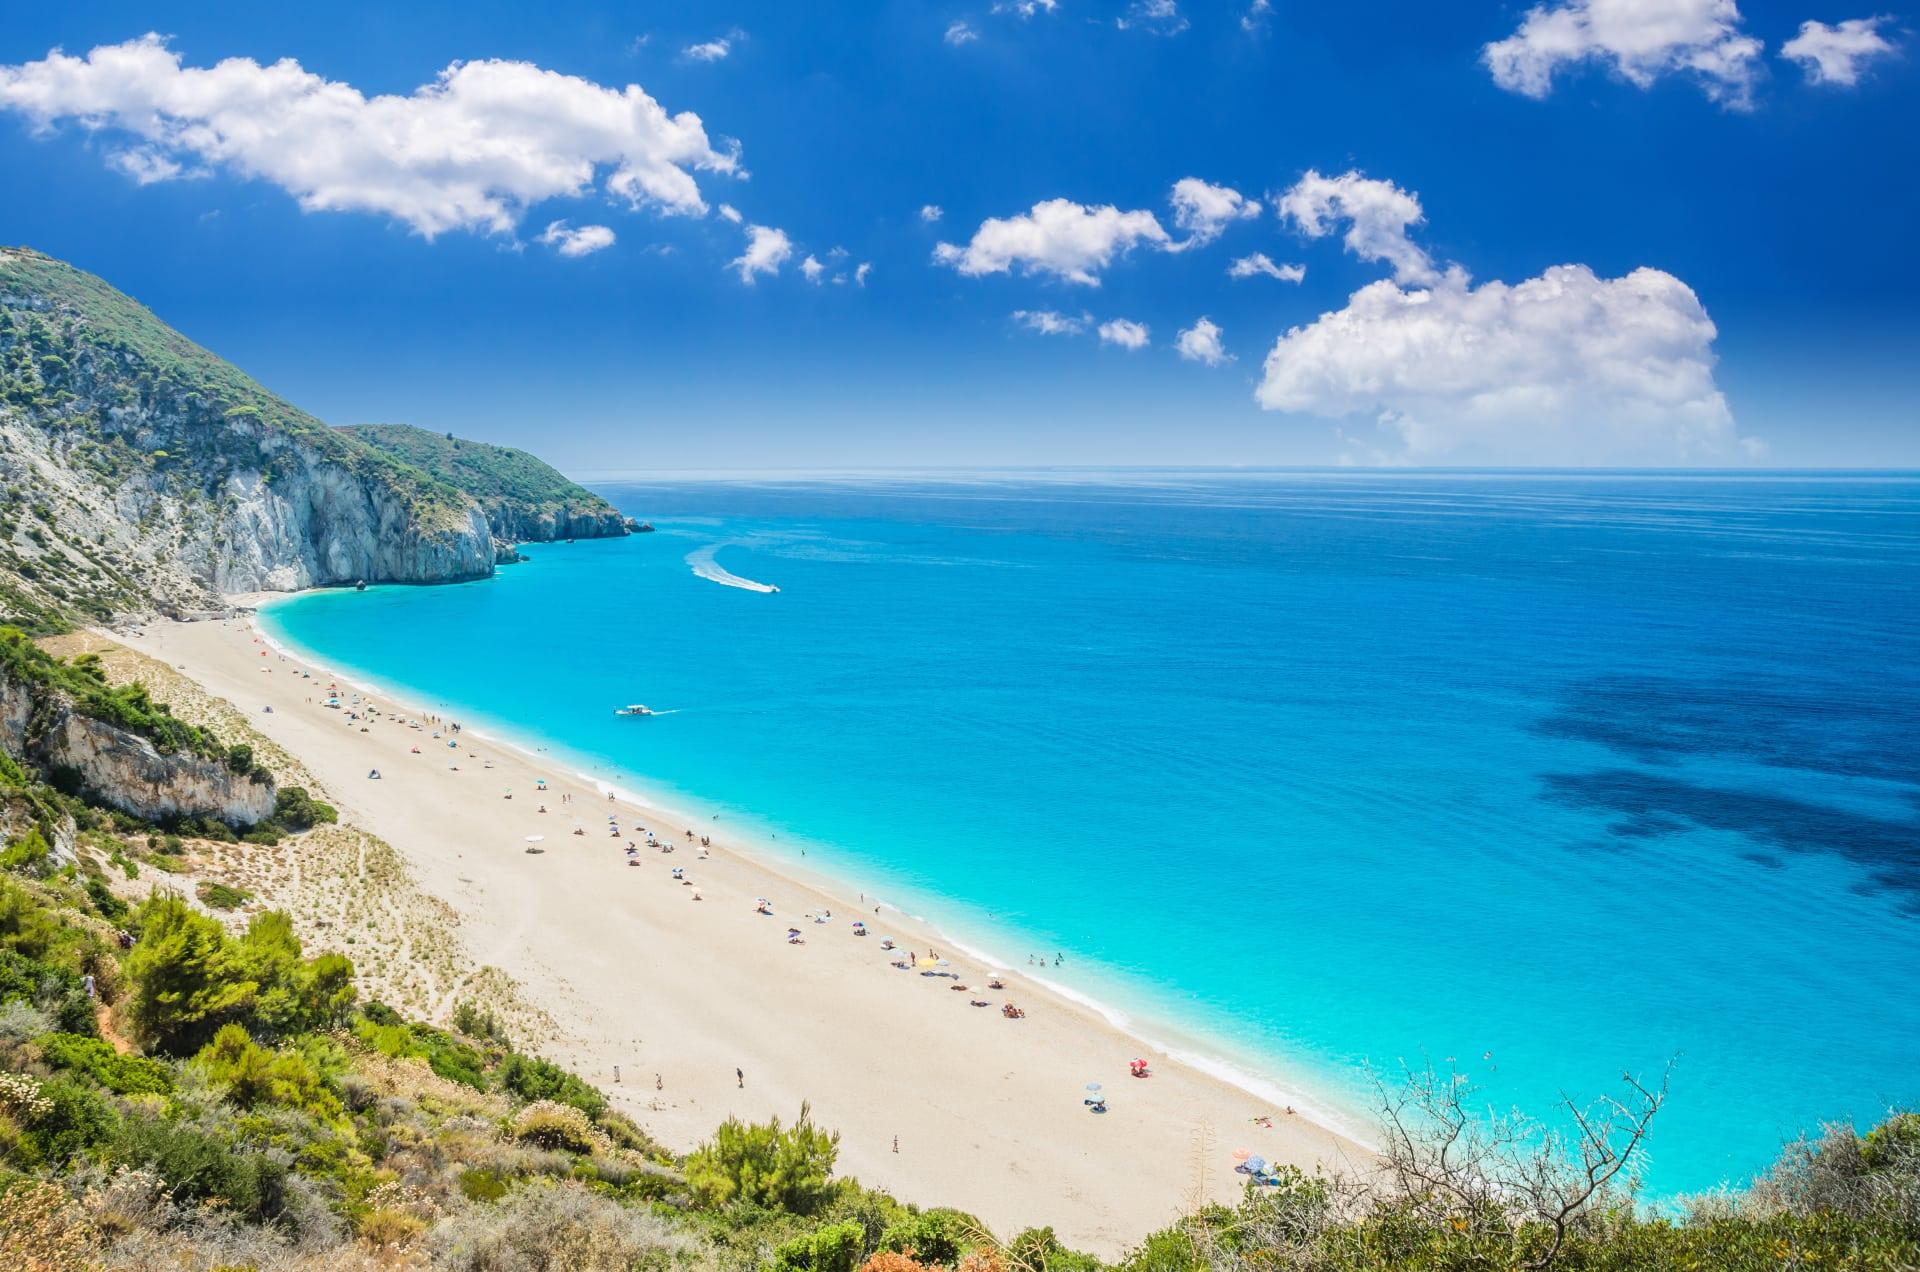 milos beach tirquoise waters, Agios Nikitas